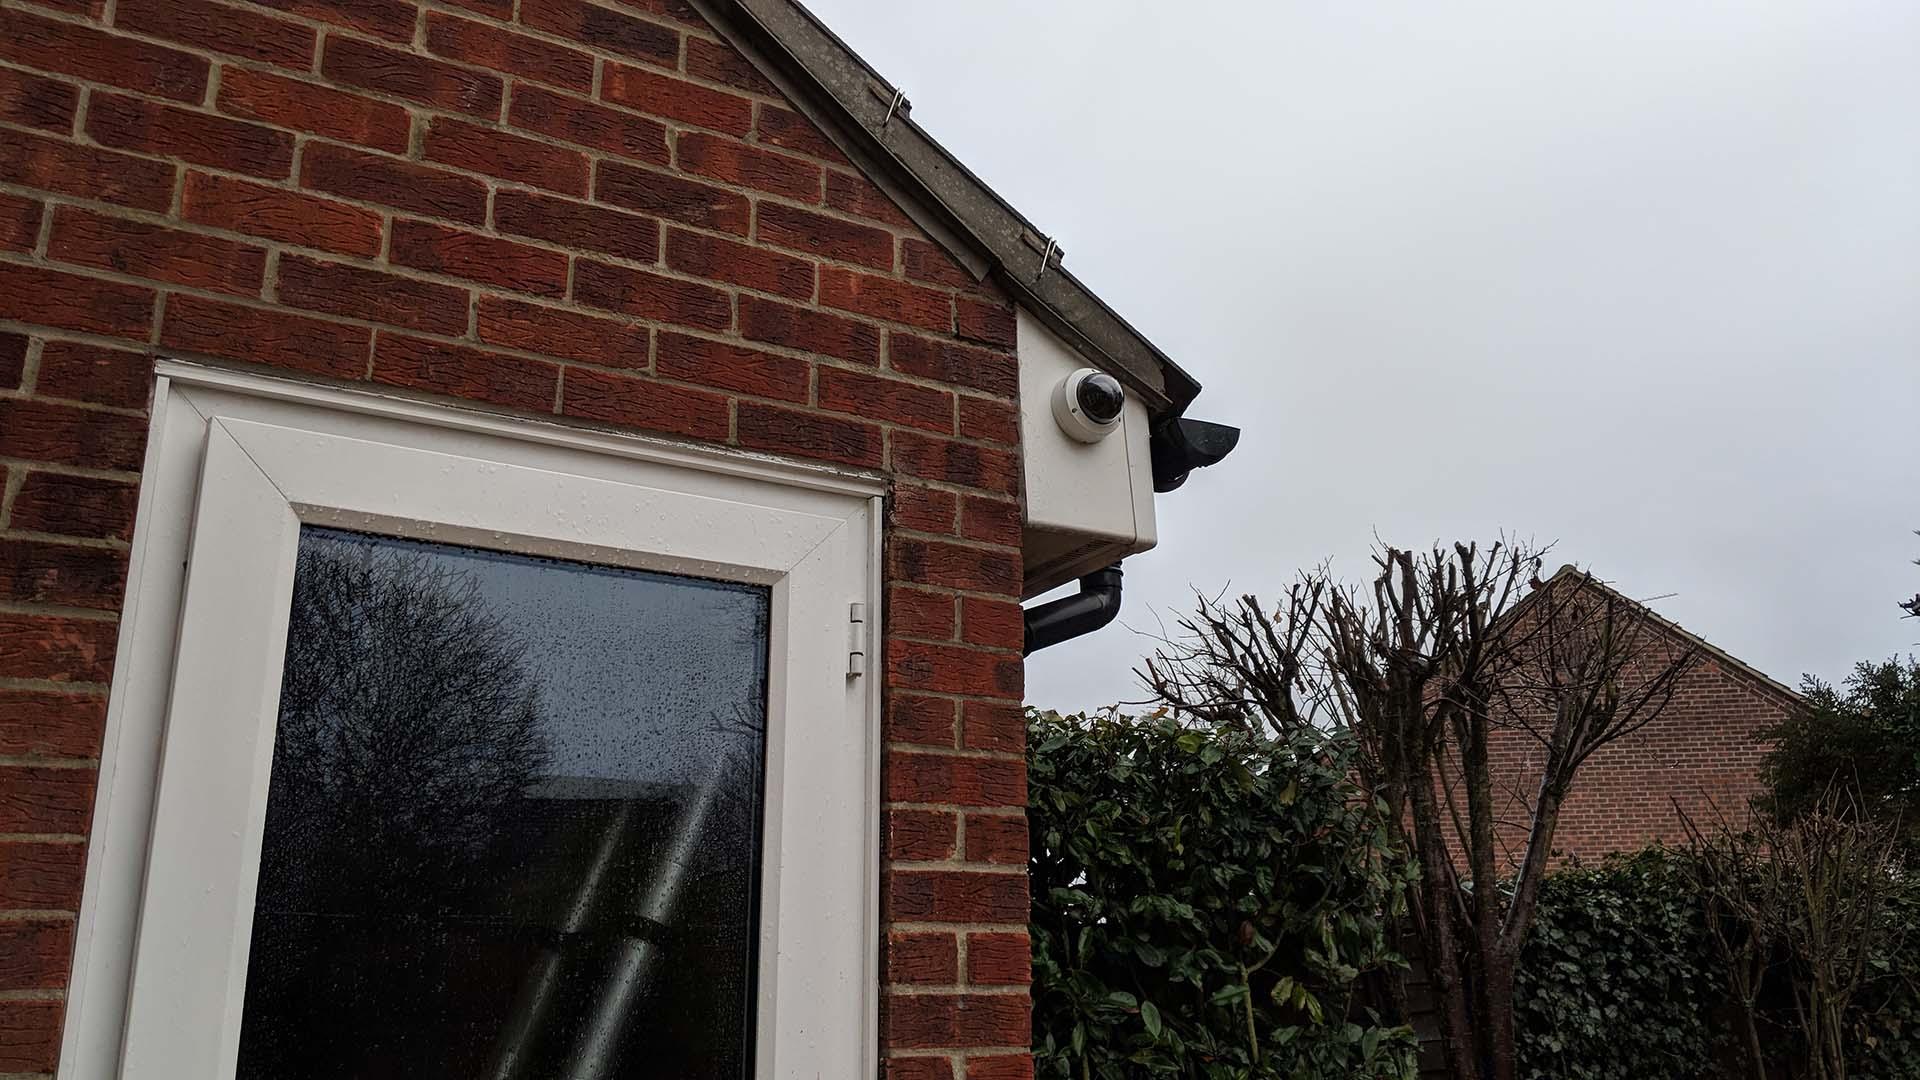 CCTV Installation in Billericay